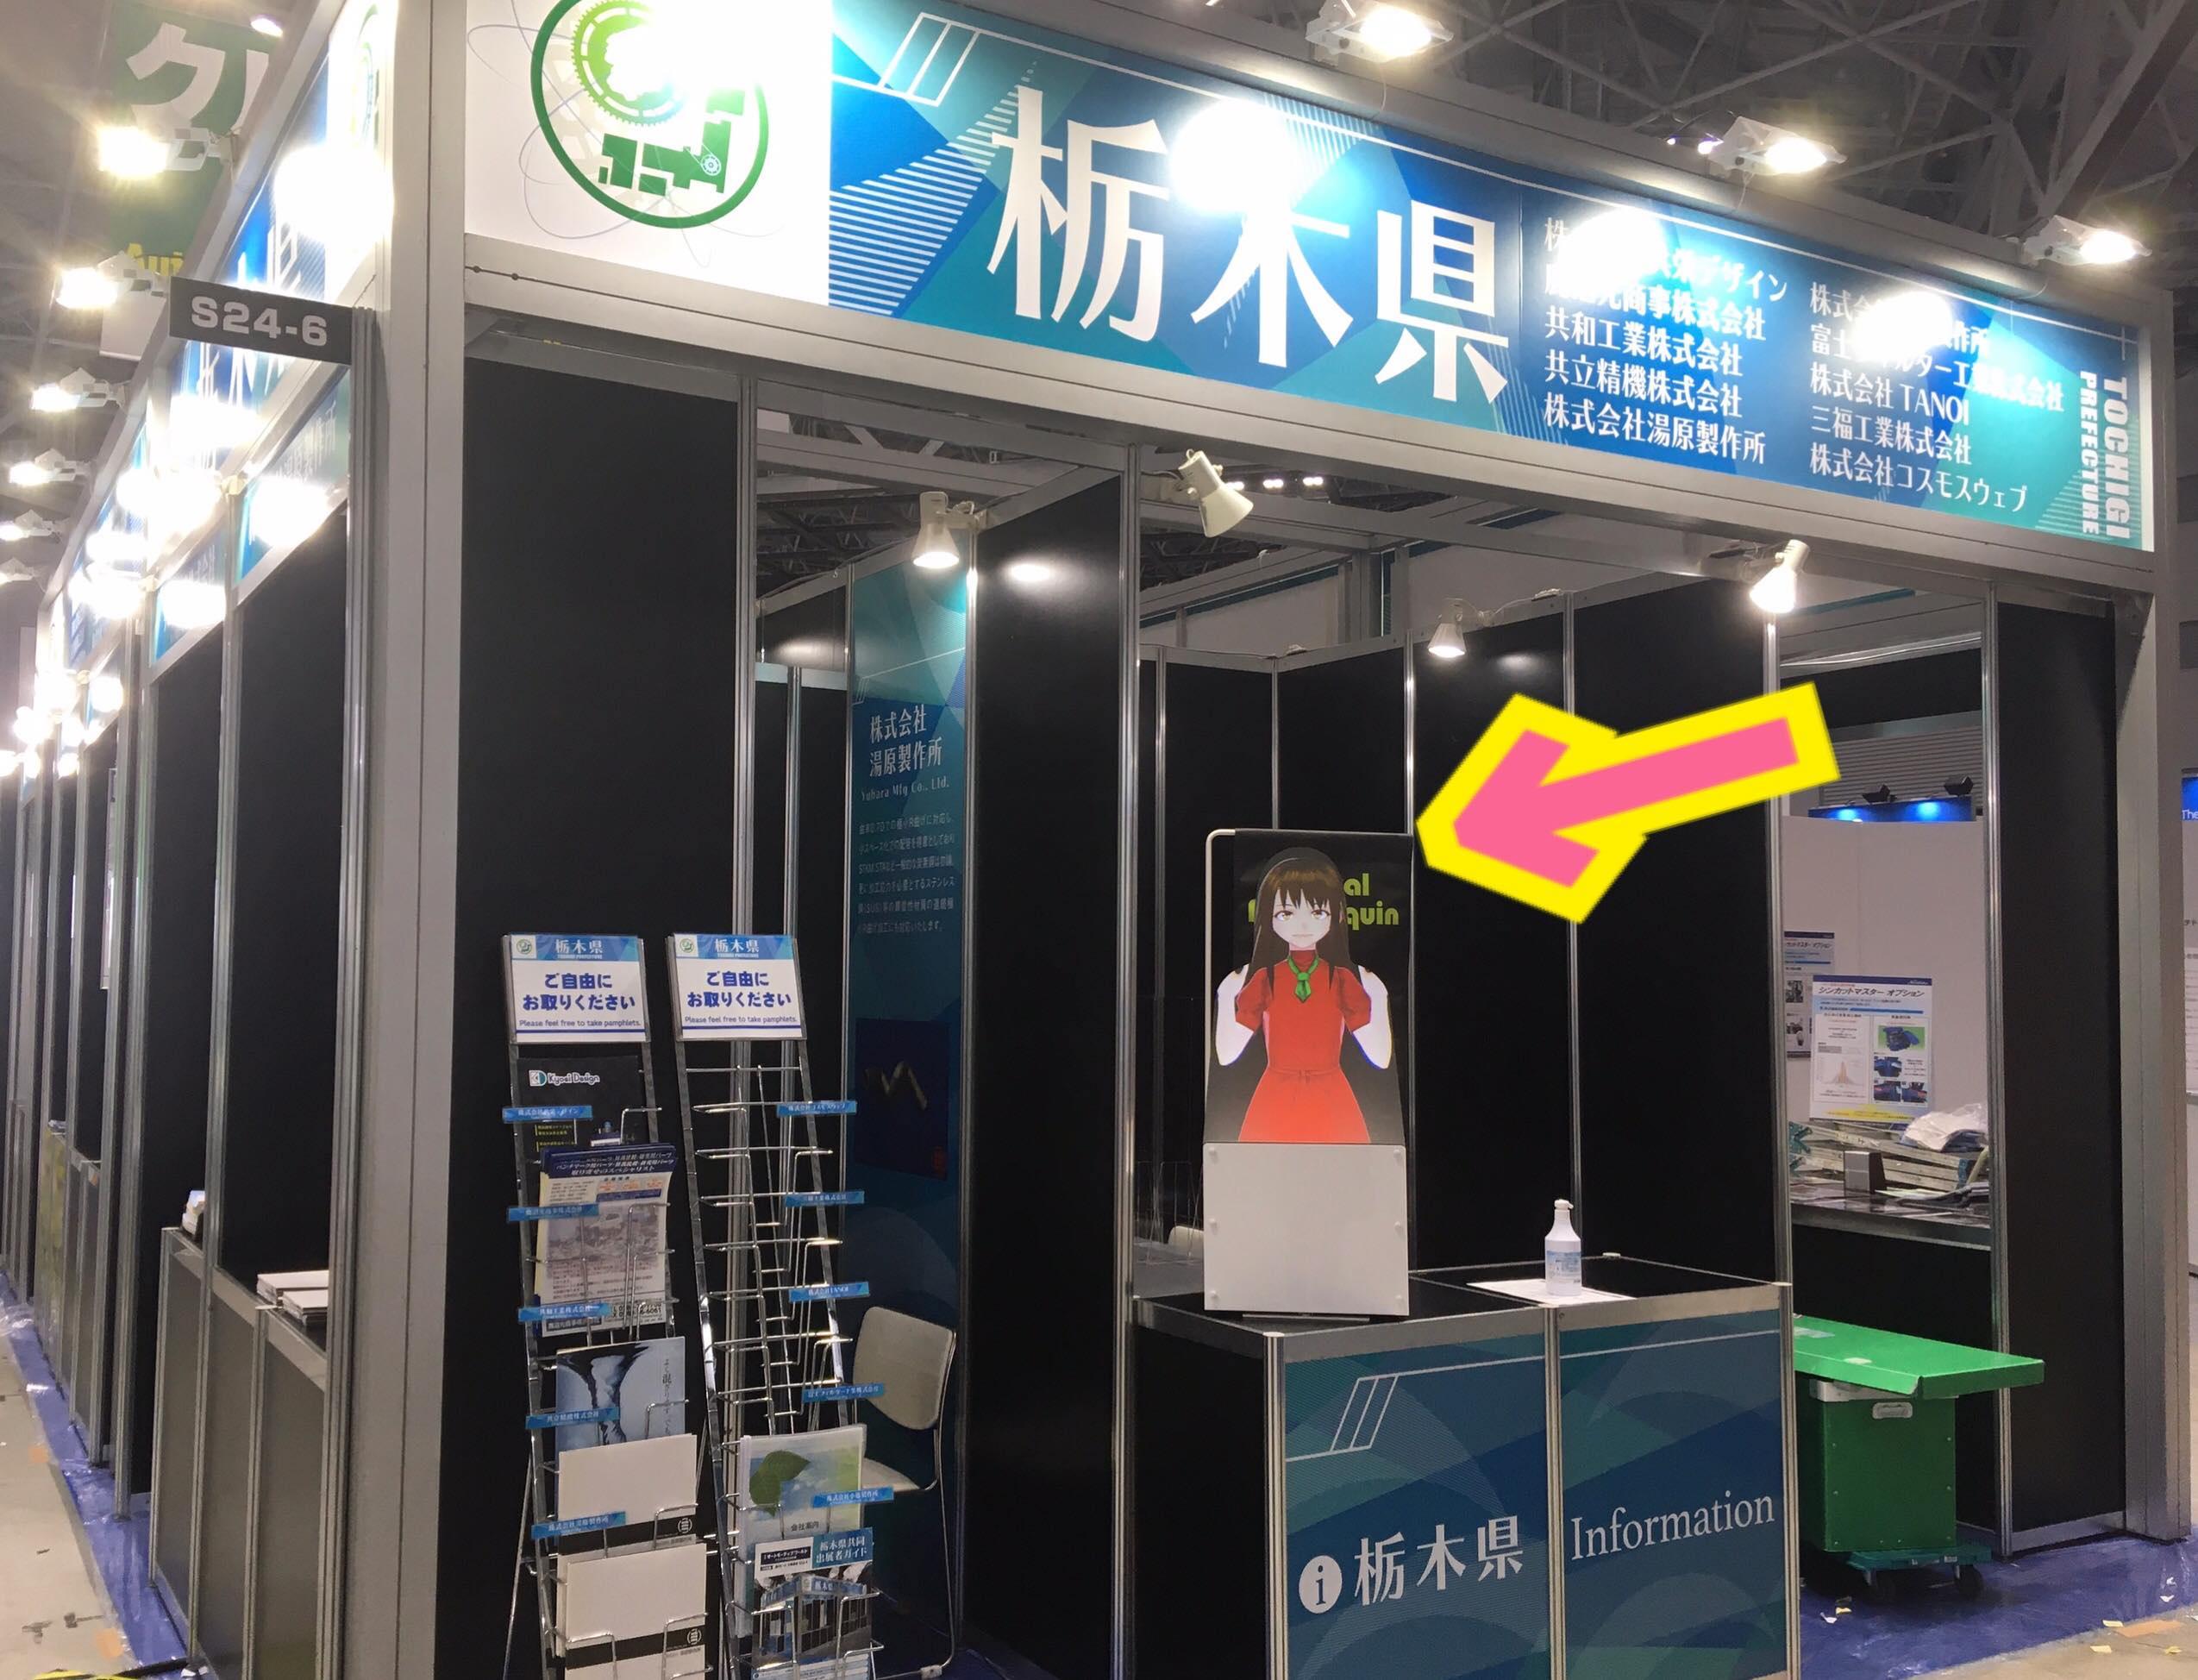 バーチャル接客員|東京ビッグサイト展示会で集客支援